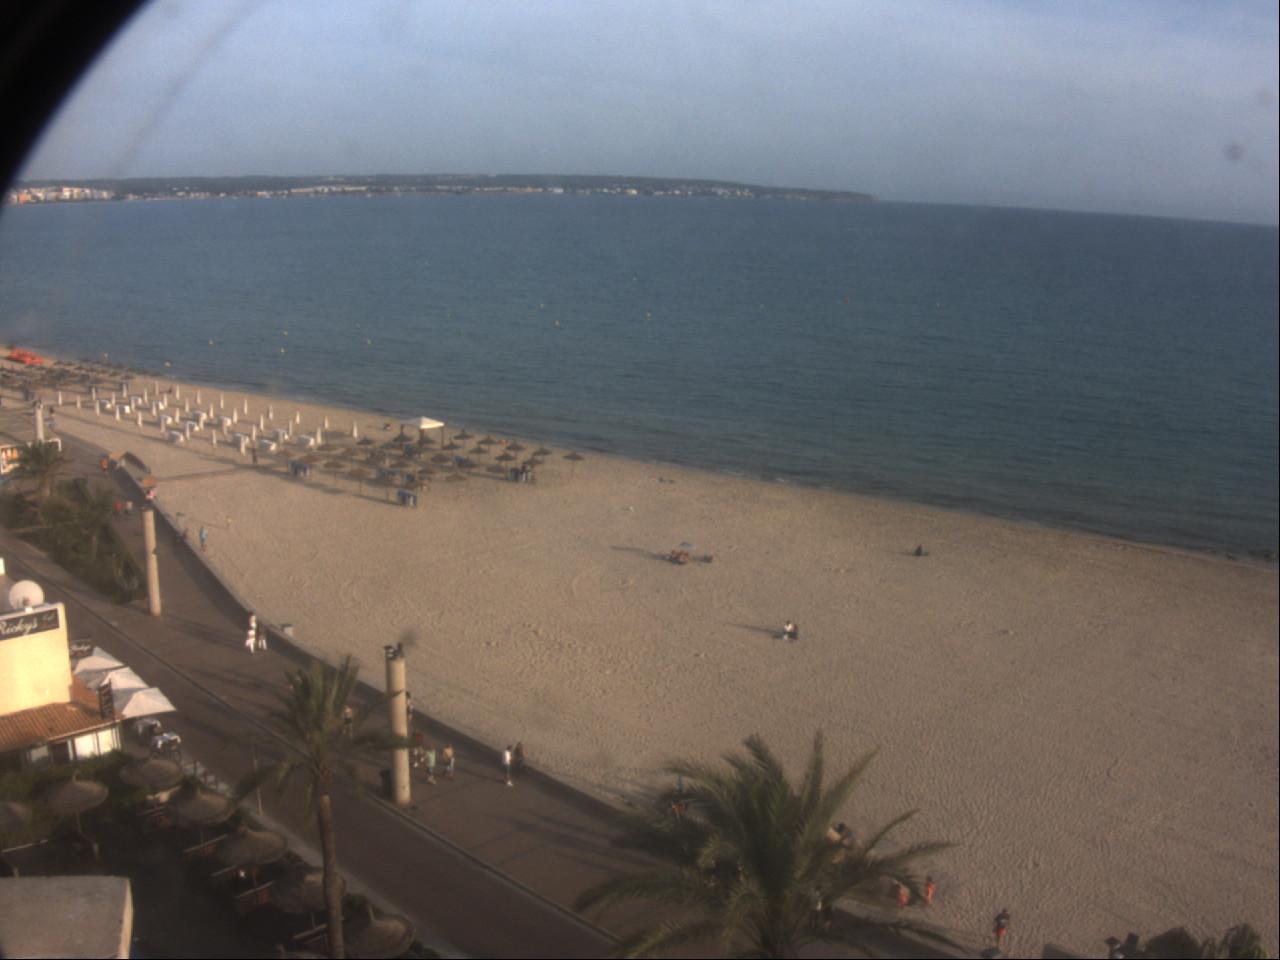 Hafen Mallorca Webcam